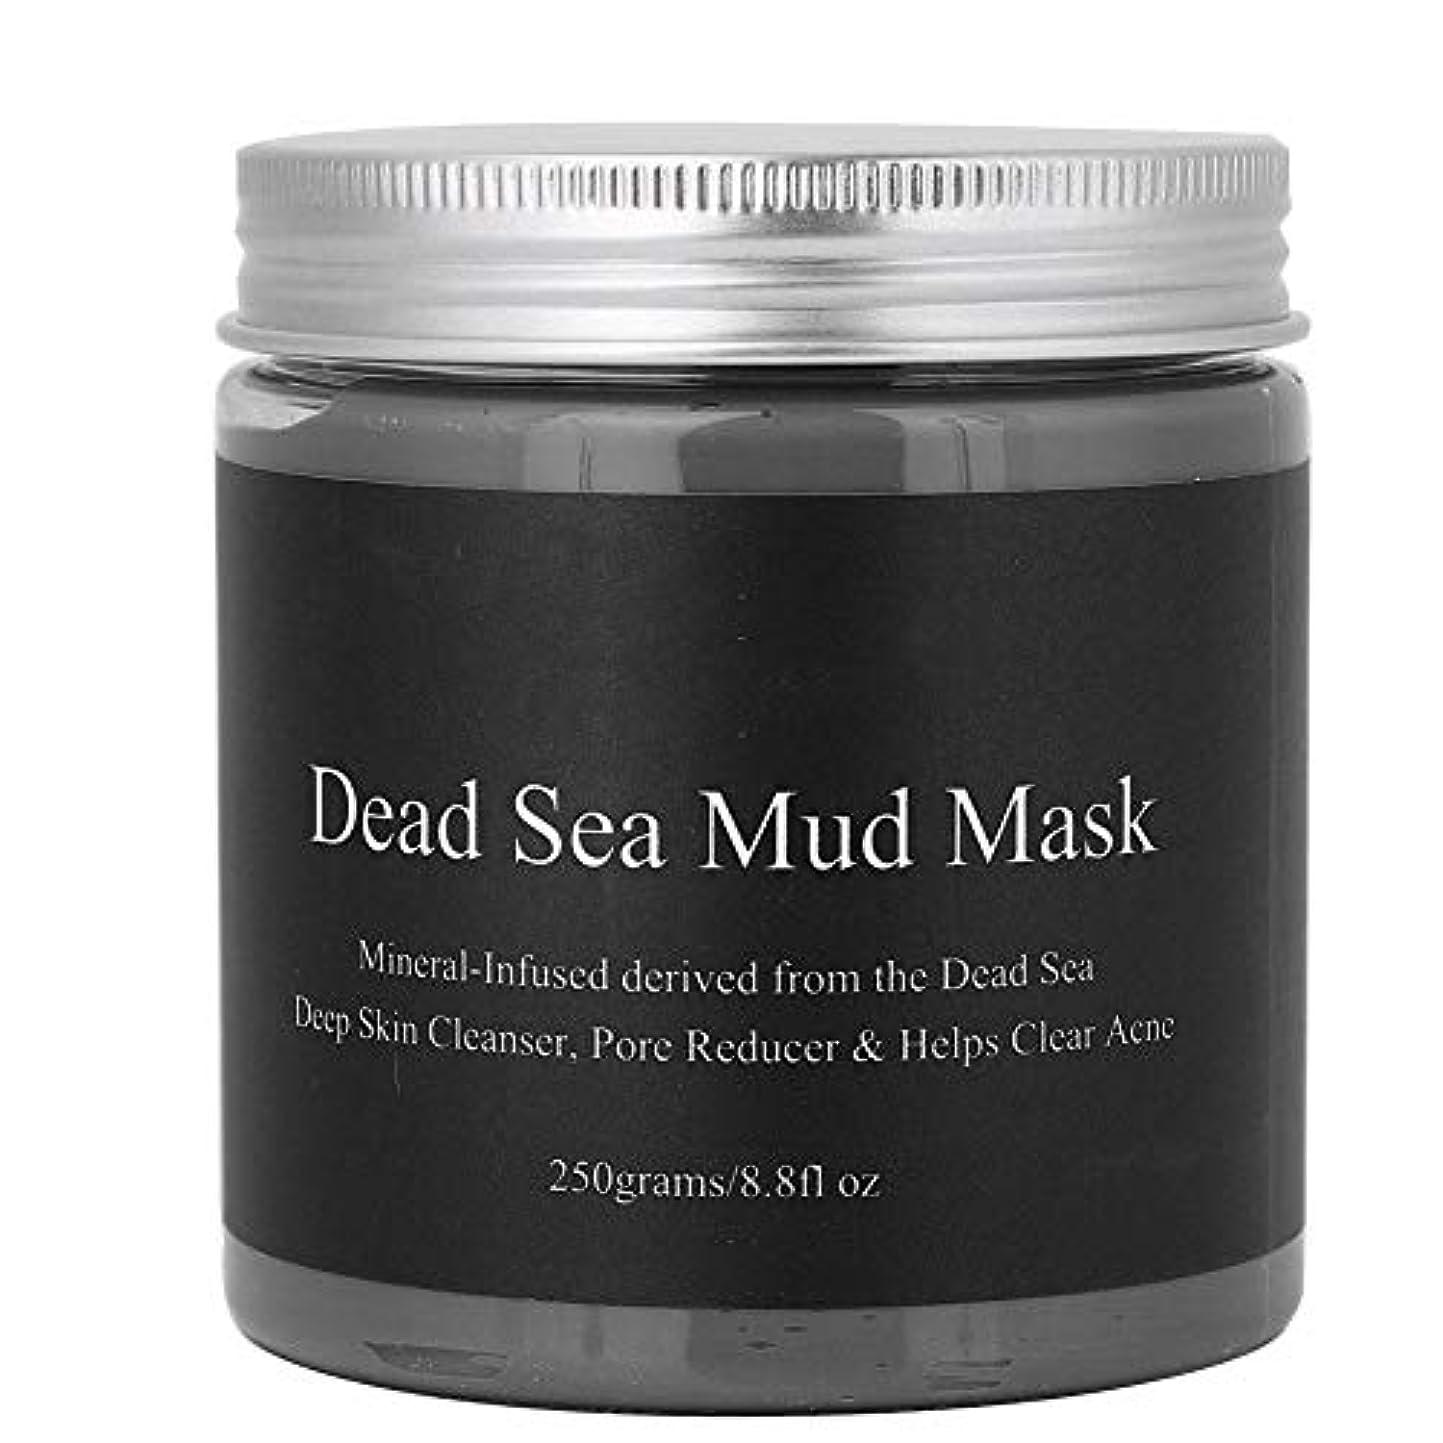 土甘美な海洋死海の泥マスク、フェイシャルマスク保湿栄養マスク - 250 g